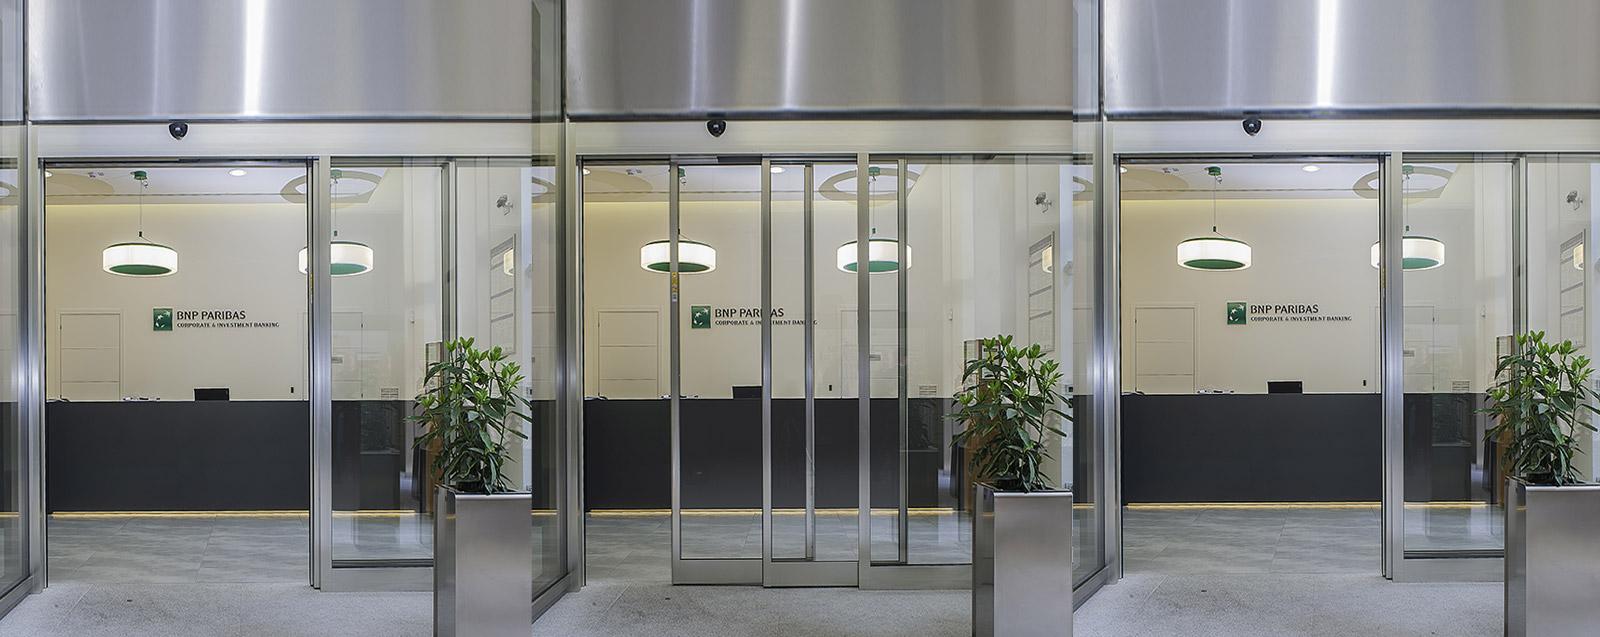 Telescopic Automatic Doors & PONZI | Porte automatiche ospedaliere e per centri commerciali Pezcame.Com